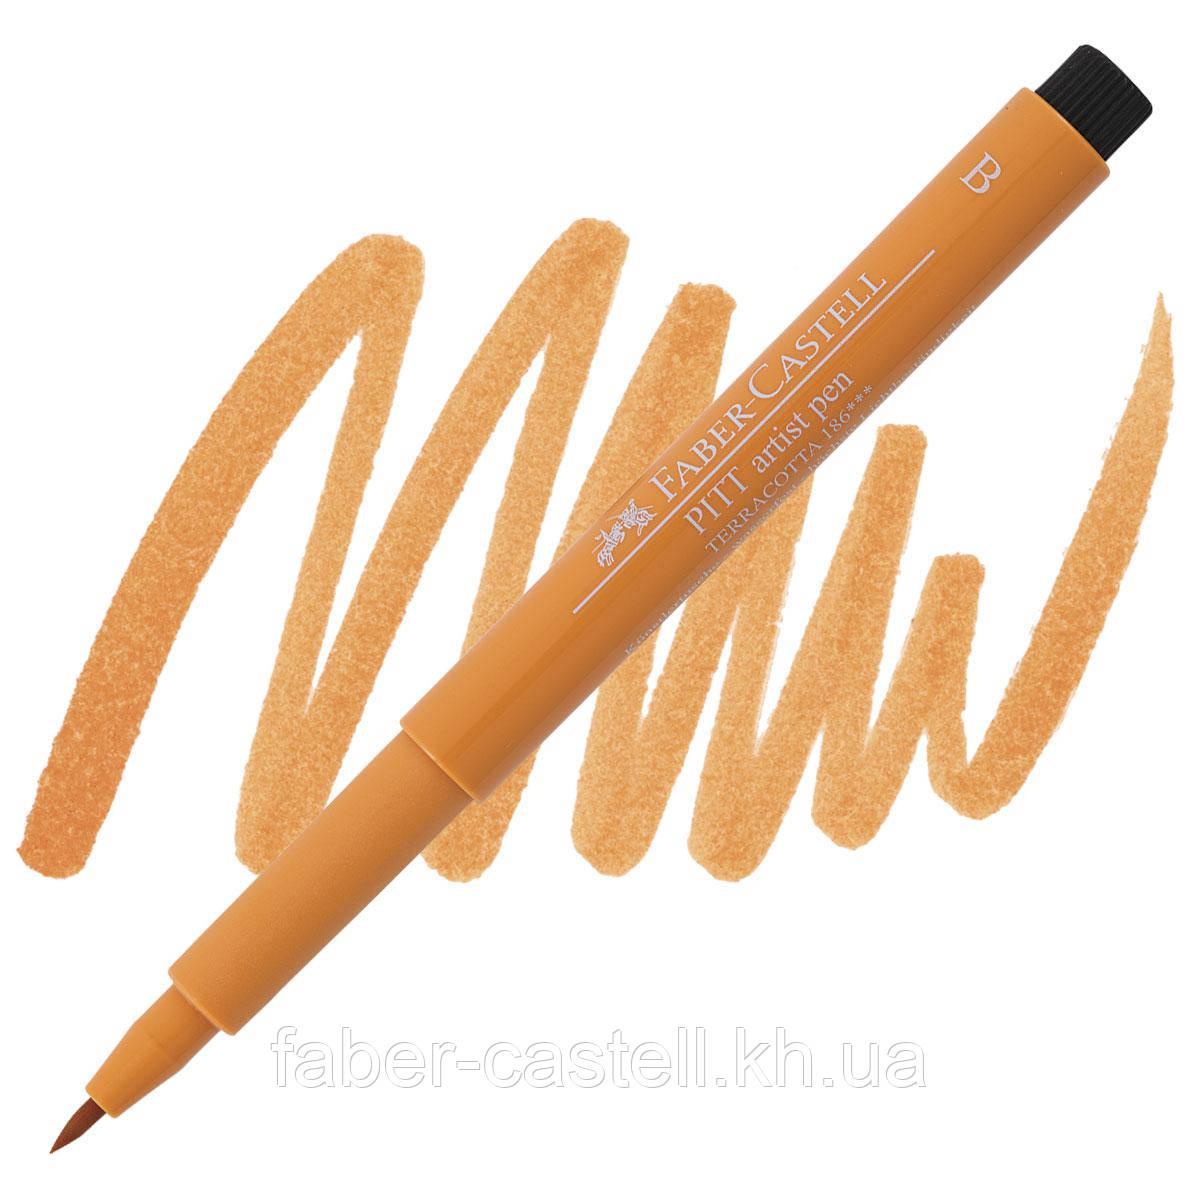 """Ручка-кисточка капиллярная Faber - Castell PITT® ARTIST PEN """"BRUSH"""" №186 терракотовый, 167486"""